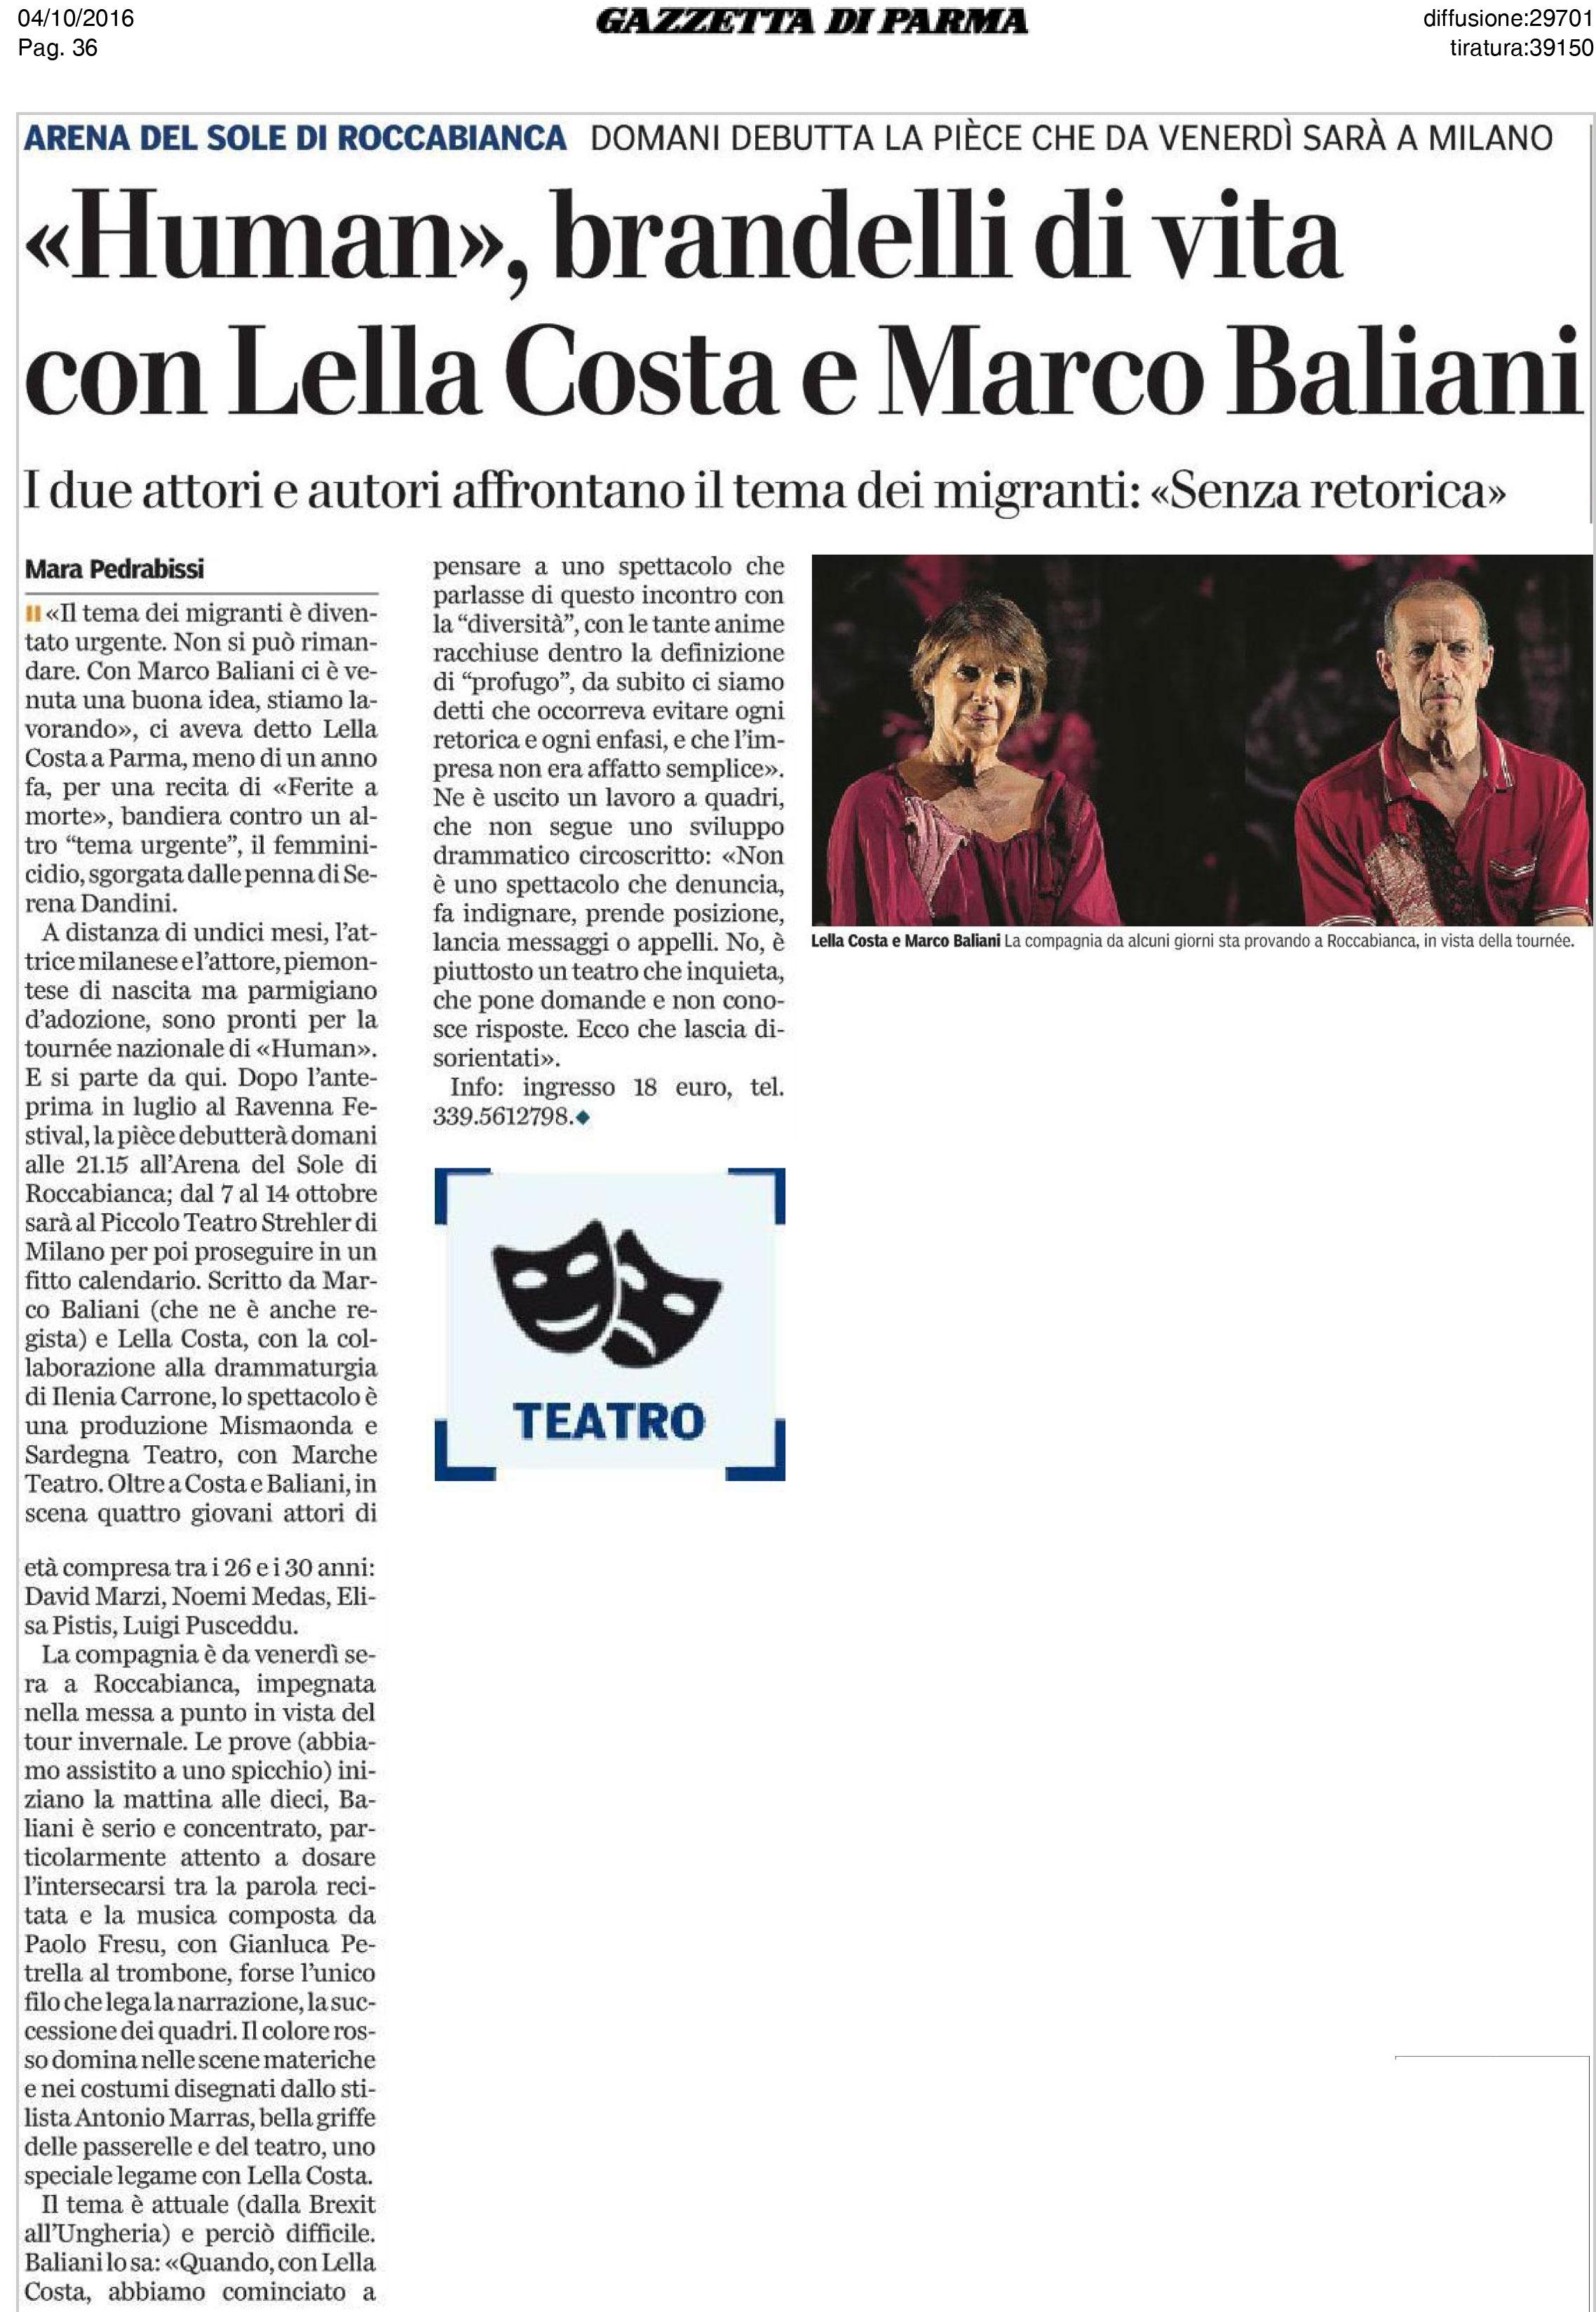 20161004_human-brandelli-di-vita-con-lellacosta-e-marco-baliani_gazzetta-di-parma